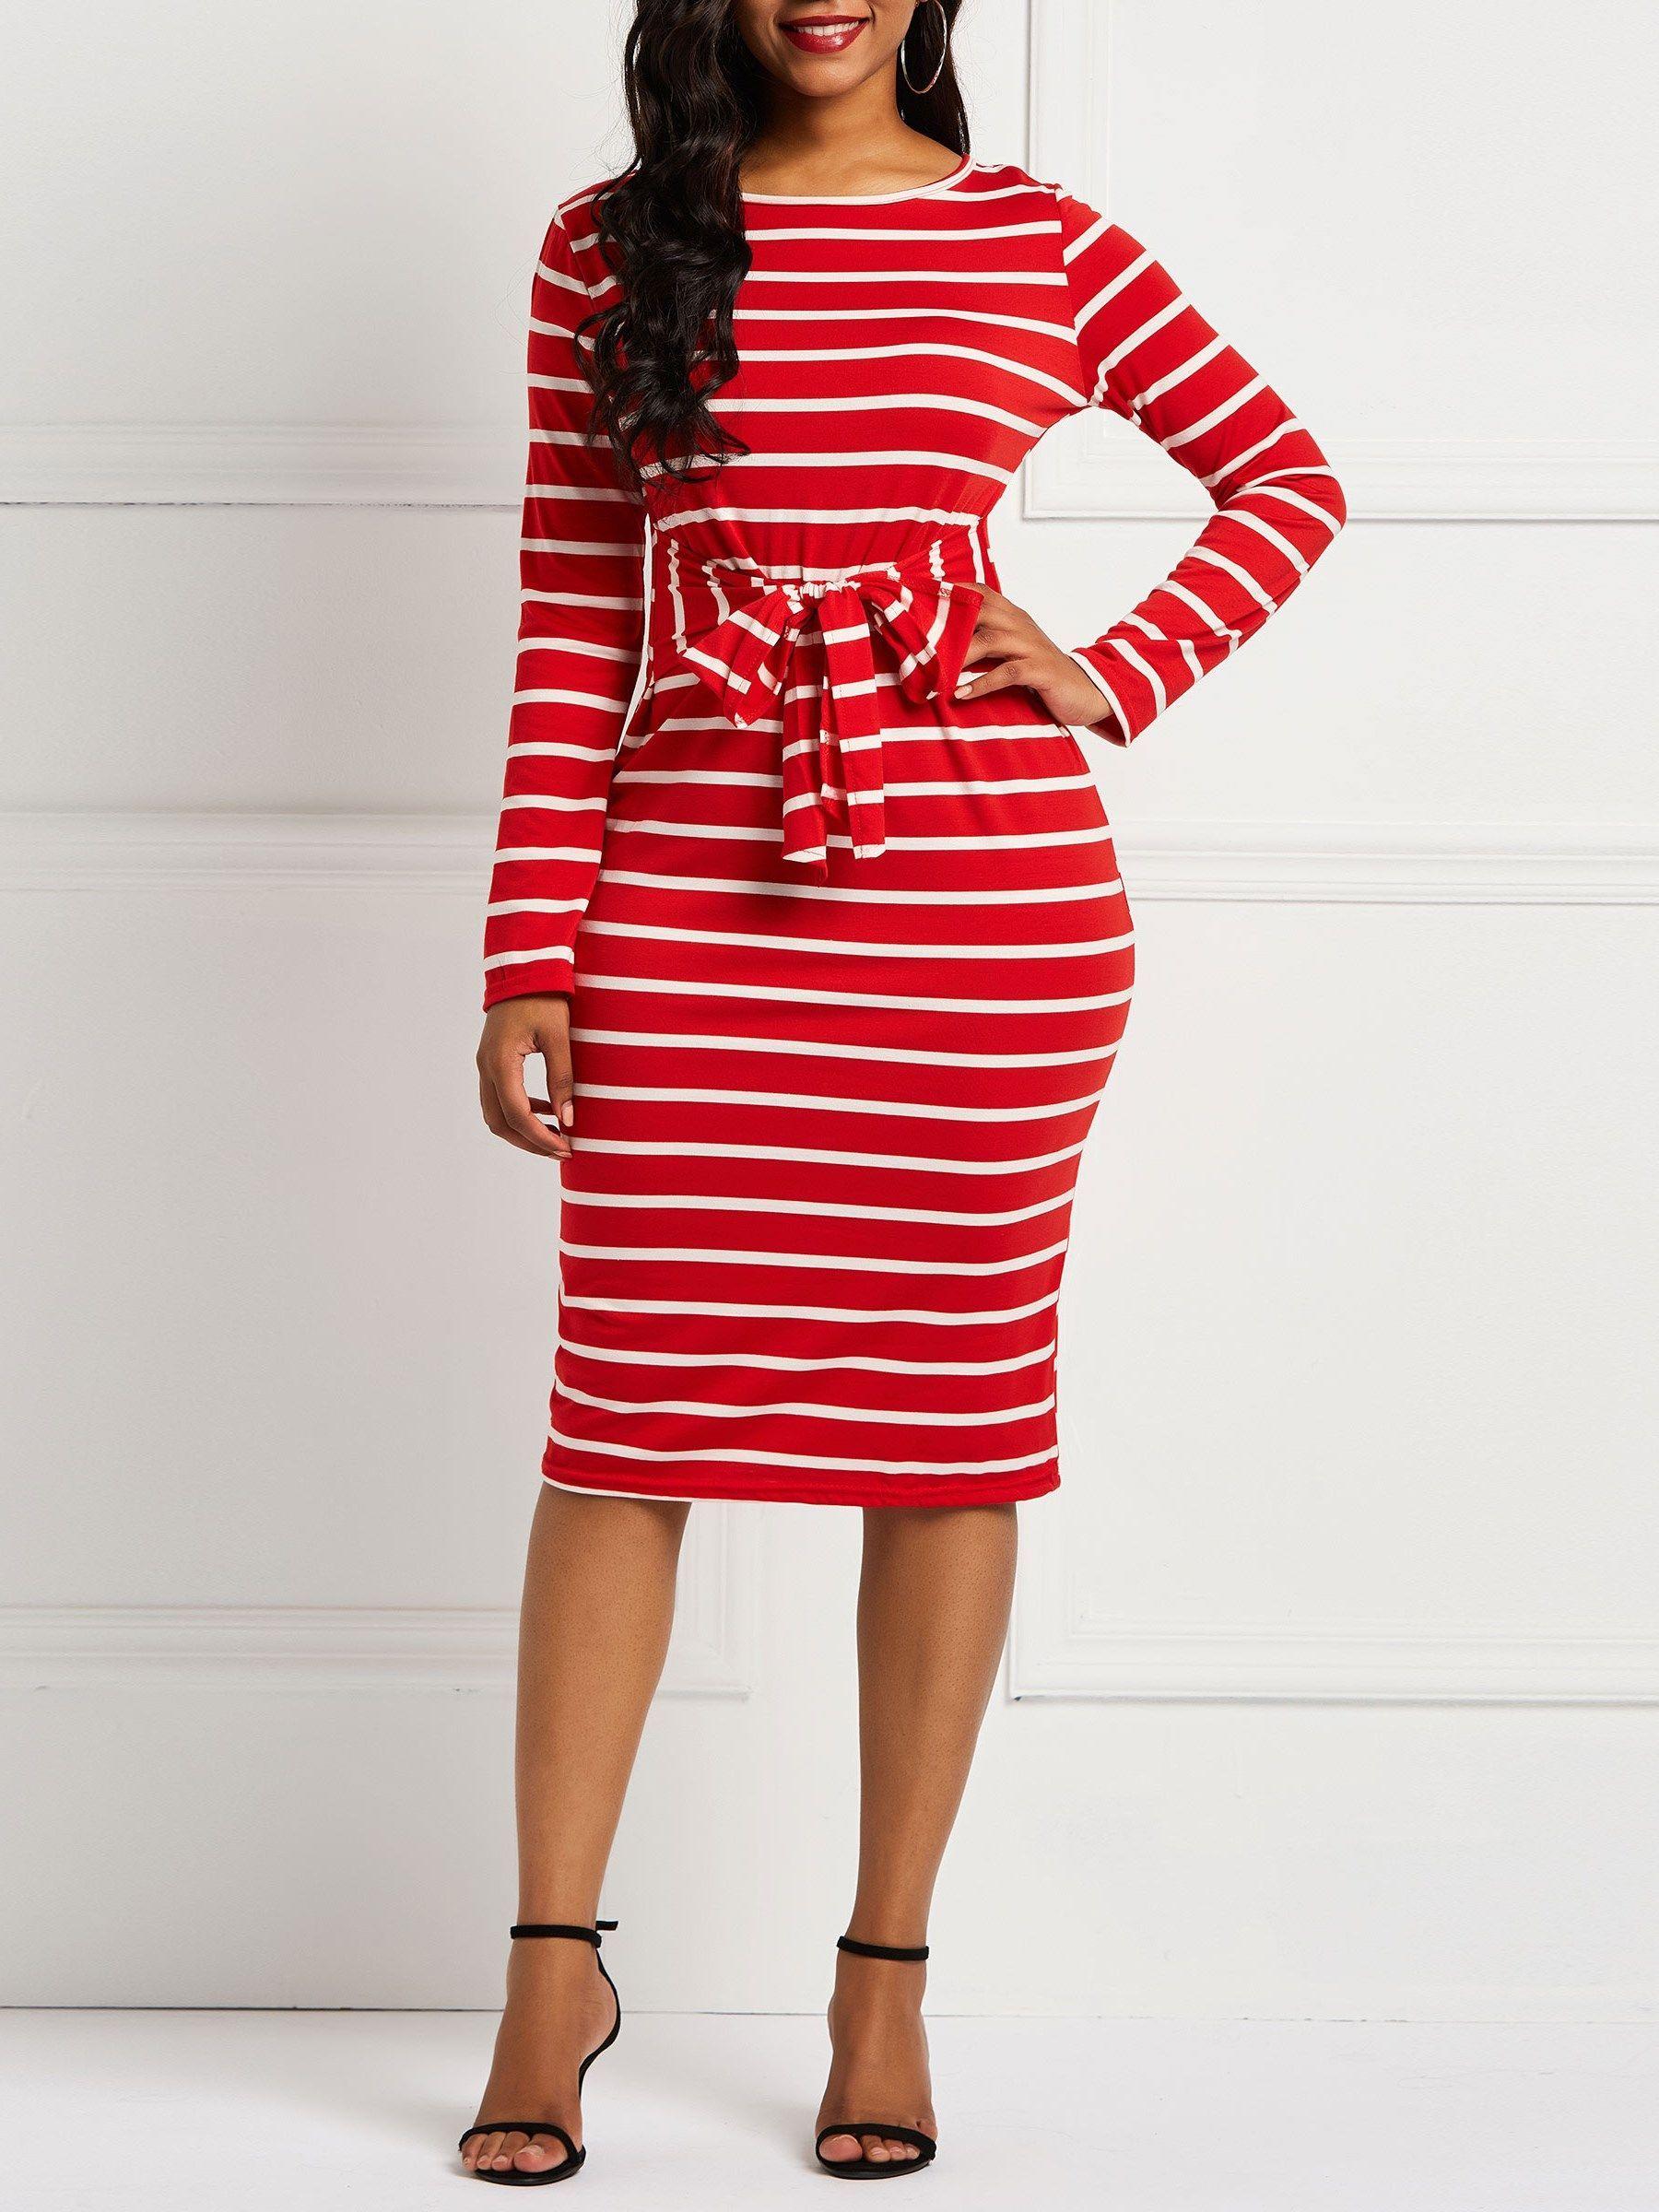 Long Sleeve Stripe Fall Women S Bodycon Dress Women Bodycon Dress Bodycon Dress Striped Bodycon Dress [ 2400 x 1800 Pixel ]